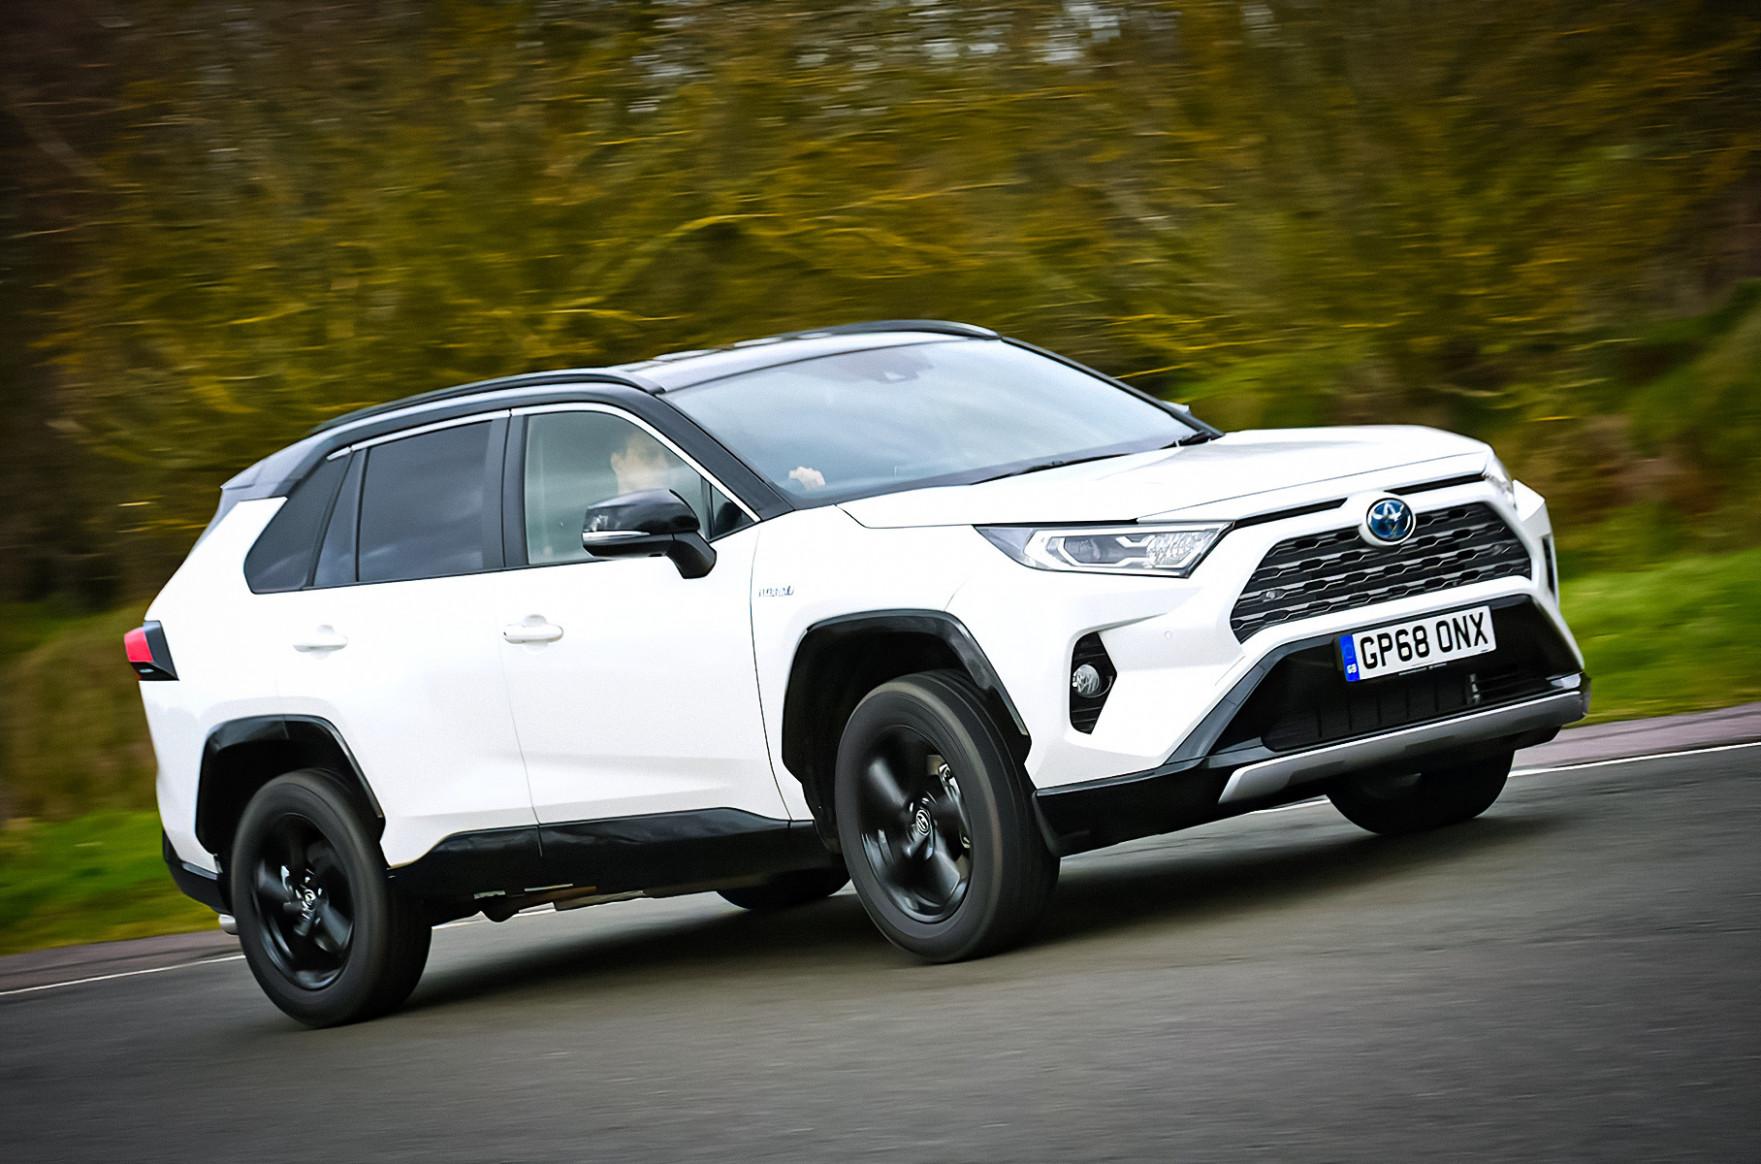 Picture Toyota Quantum 2022 Model